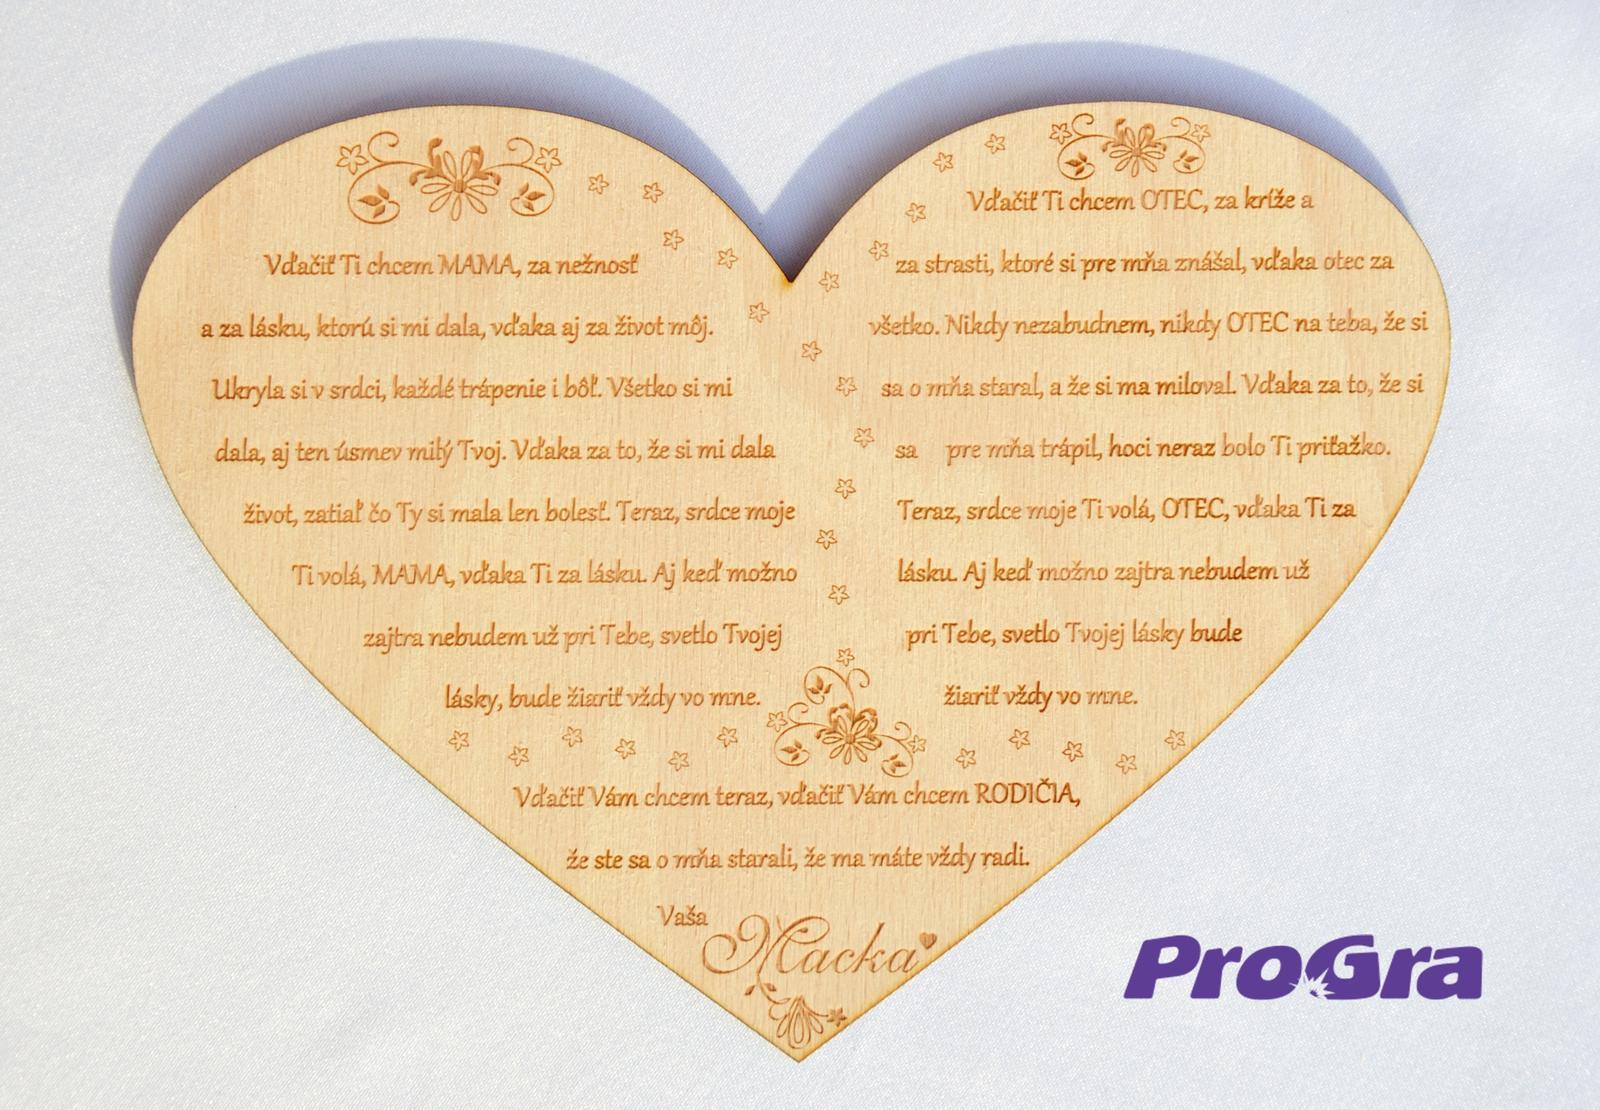 Poďakovanie rodičom - Veľké preglejkové srdiečko s grafikou vyrobenou na mieru podľa požiadaviek nevesty